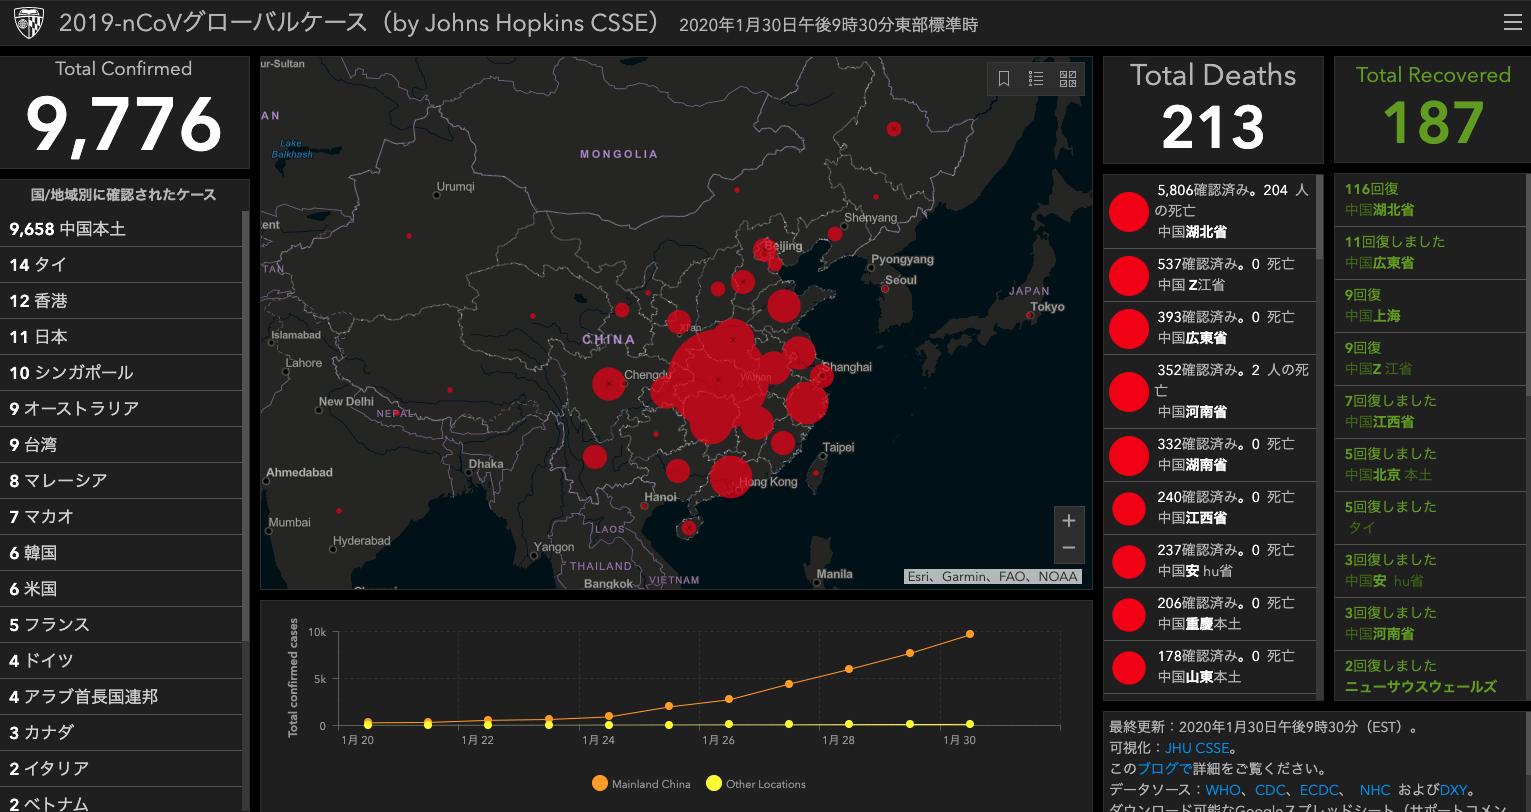 コロナウイルスの黙示録的な広がりをリアルタイムで追跡するサイトが公開の画像 1/3